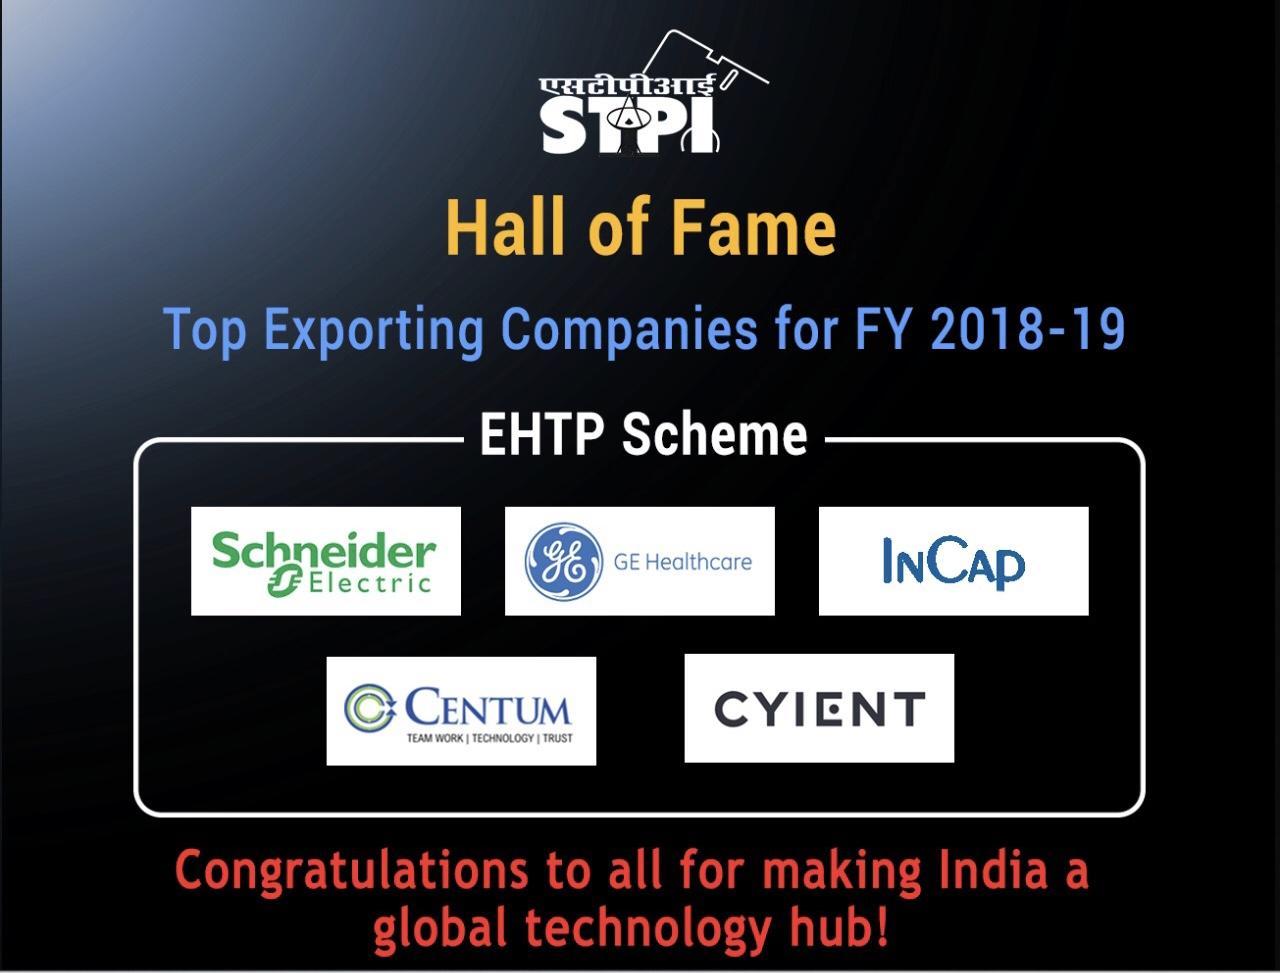 Centum Electronics Ltd. dans le top 5 des entreprises exportatrices d'électronique